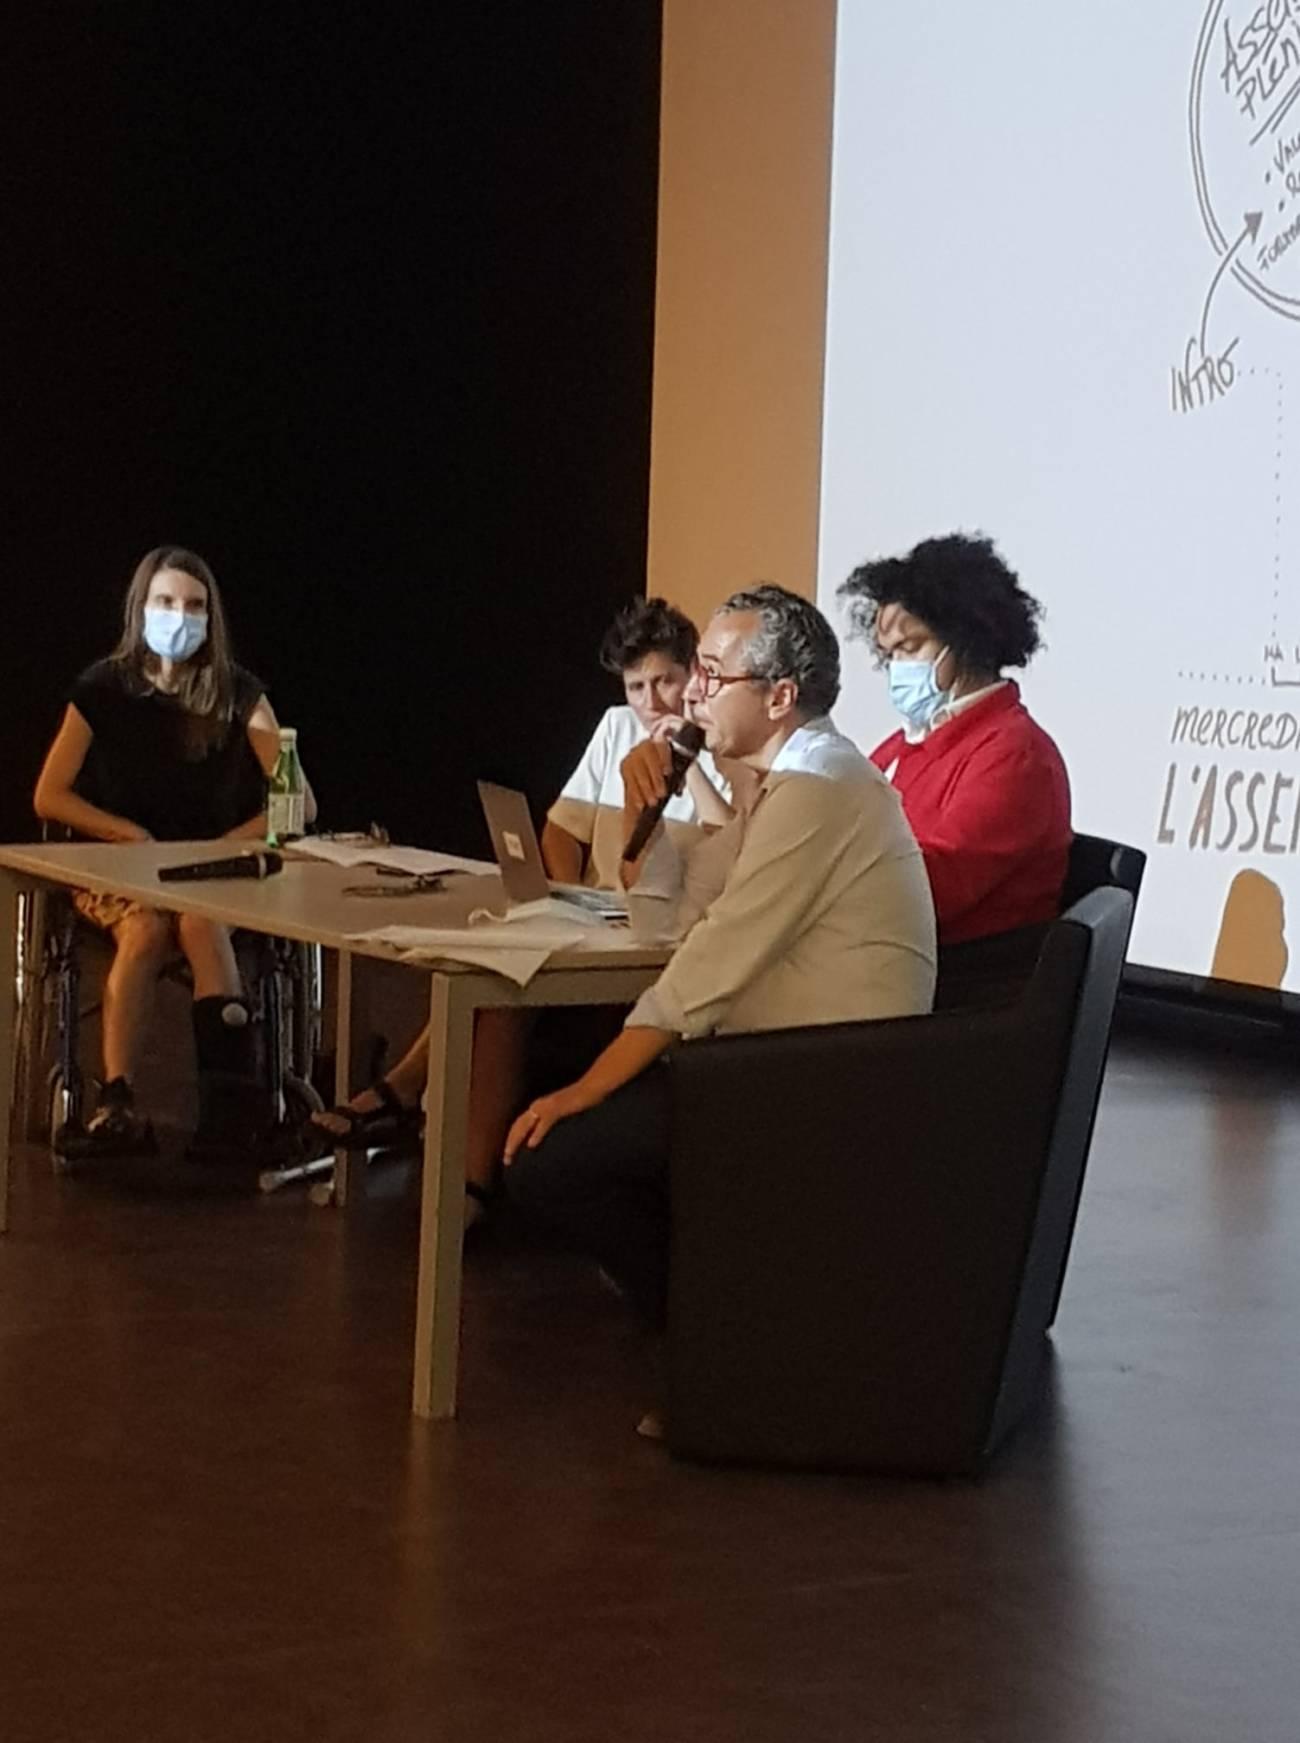 L'Assemblée des Valeurs, 8 et 9 septembre - Villa Arson Assemblée plénière Hélène Guenin (Directrice du MAMAC de Nice et co-coordinatrice de l'Assemblée des Valeurs), Anna Colin (curatrice indépendante et co- modératrice de l'Assemblée des Valeurs), Cédric Fauq (commissaire en chef au CAPC, musée d'Art-contemporain de Bordeaux et co- modérateur de l'Assemblée des Valeurs), Sylvain Lizon (directeur de la Villa Arson) © Elsa Comiot